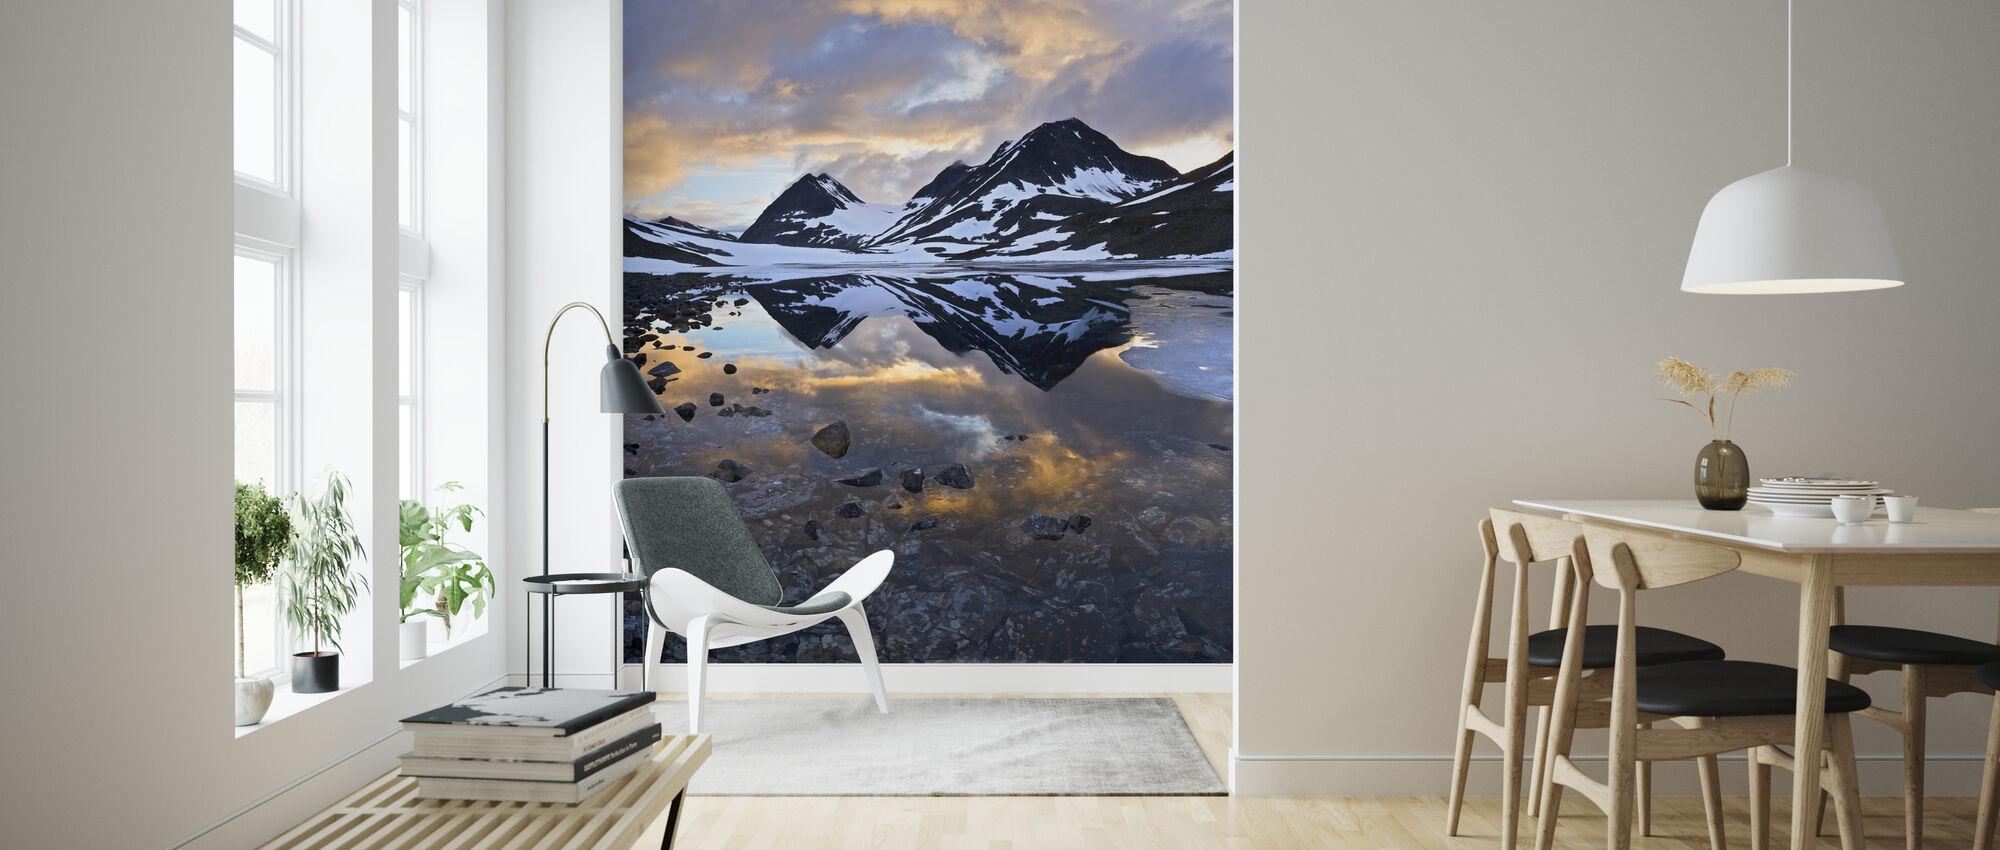 Nallojaure Landscape, Sweden - Wallpaper - Living Room